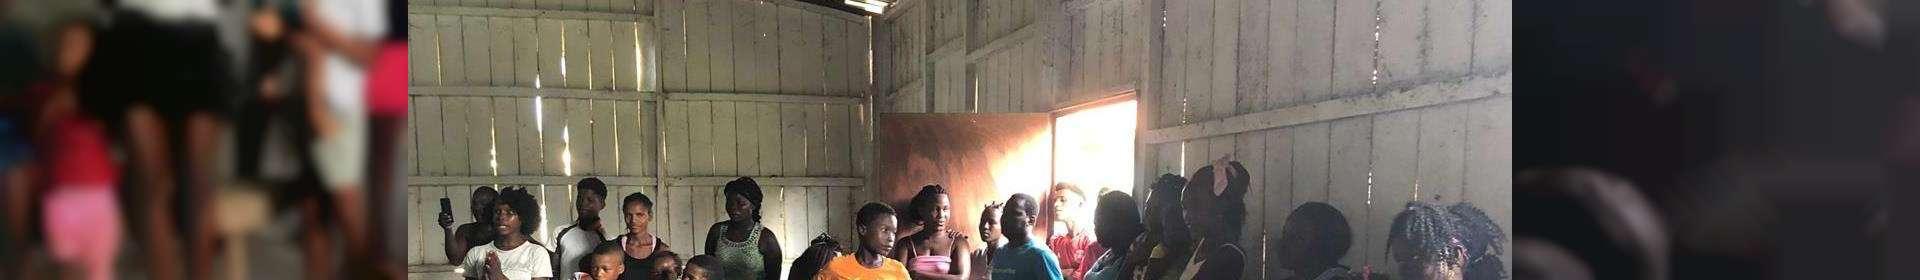 Trabalho de assistência alcança mais um país africano